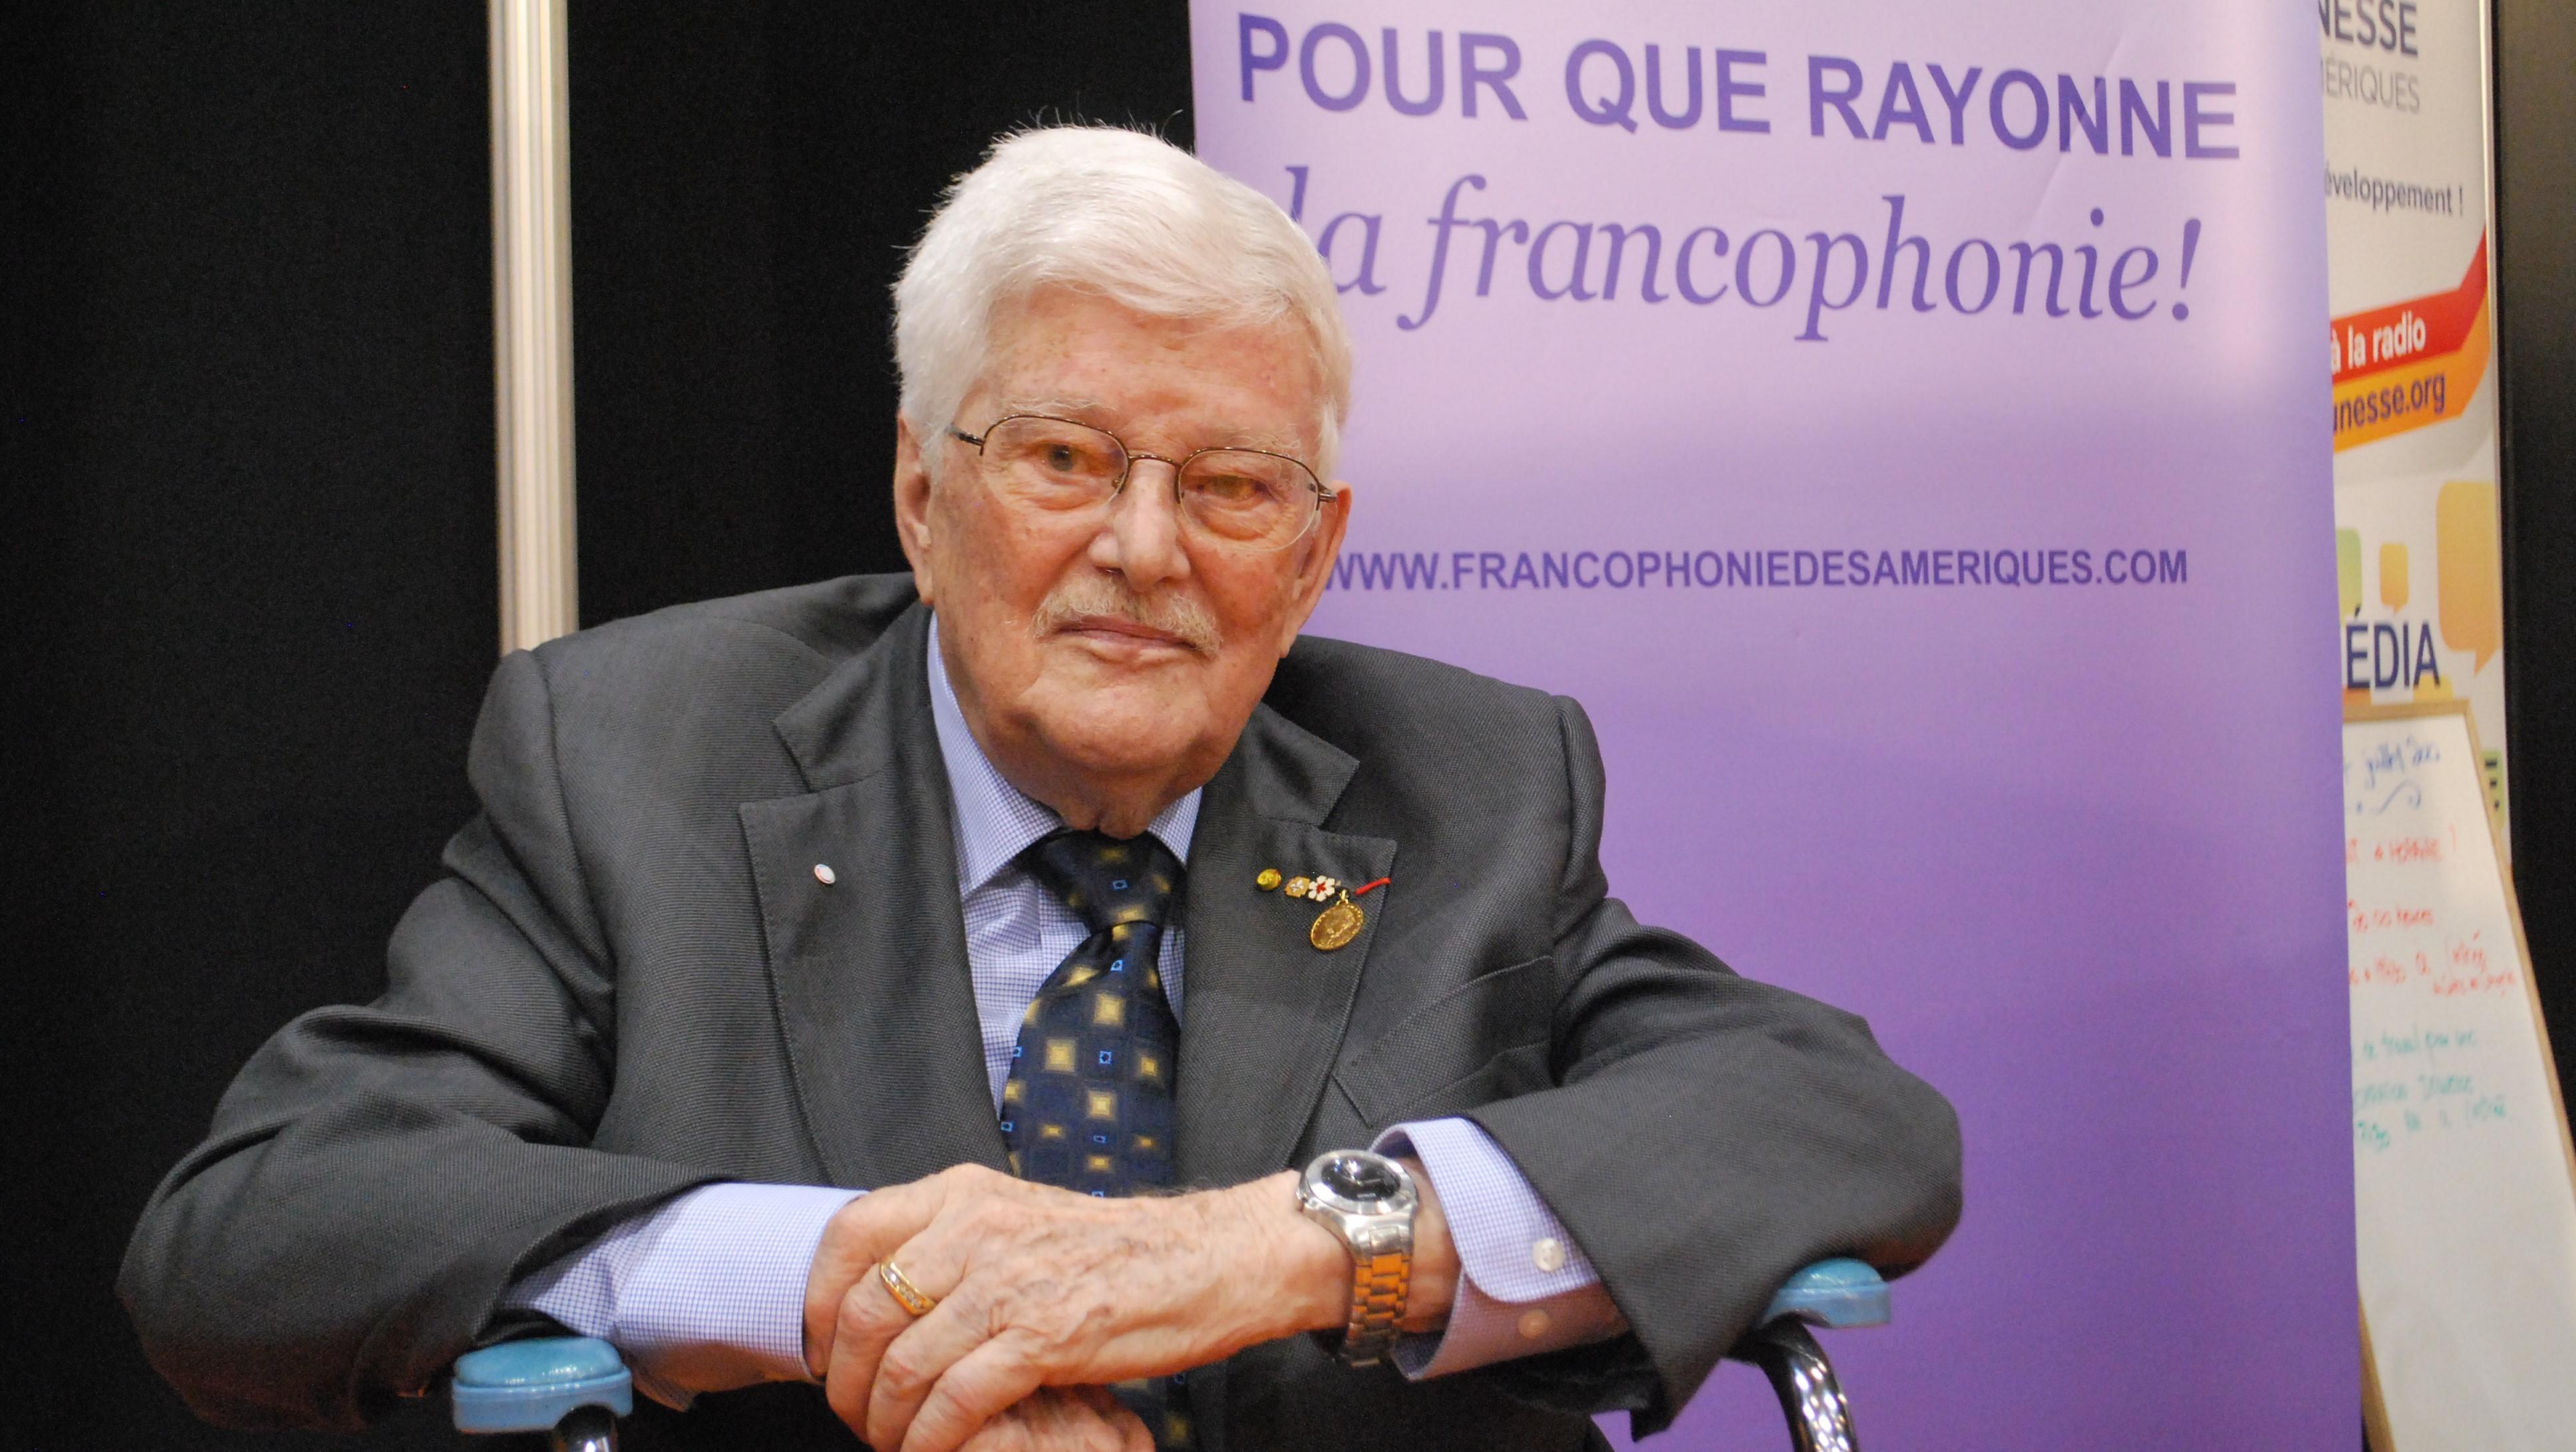 Paul Gérin-Lajoie, un personnage marquant pour Michel Perron